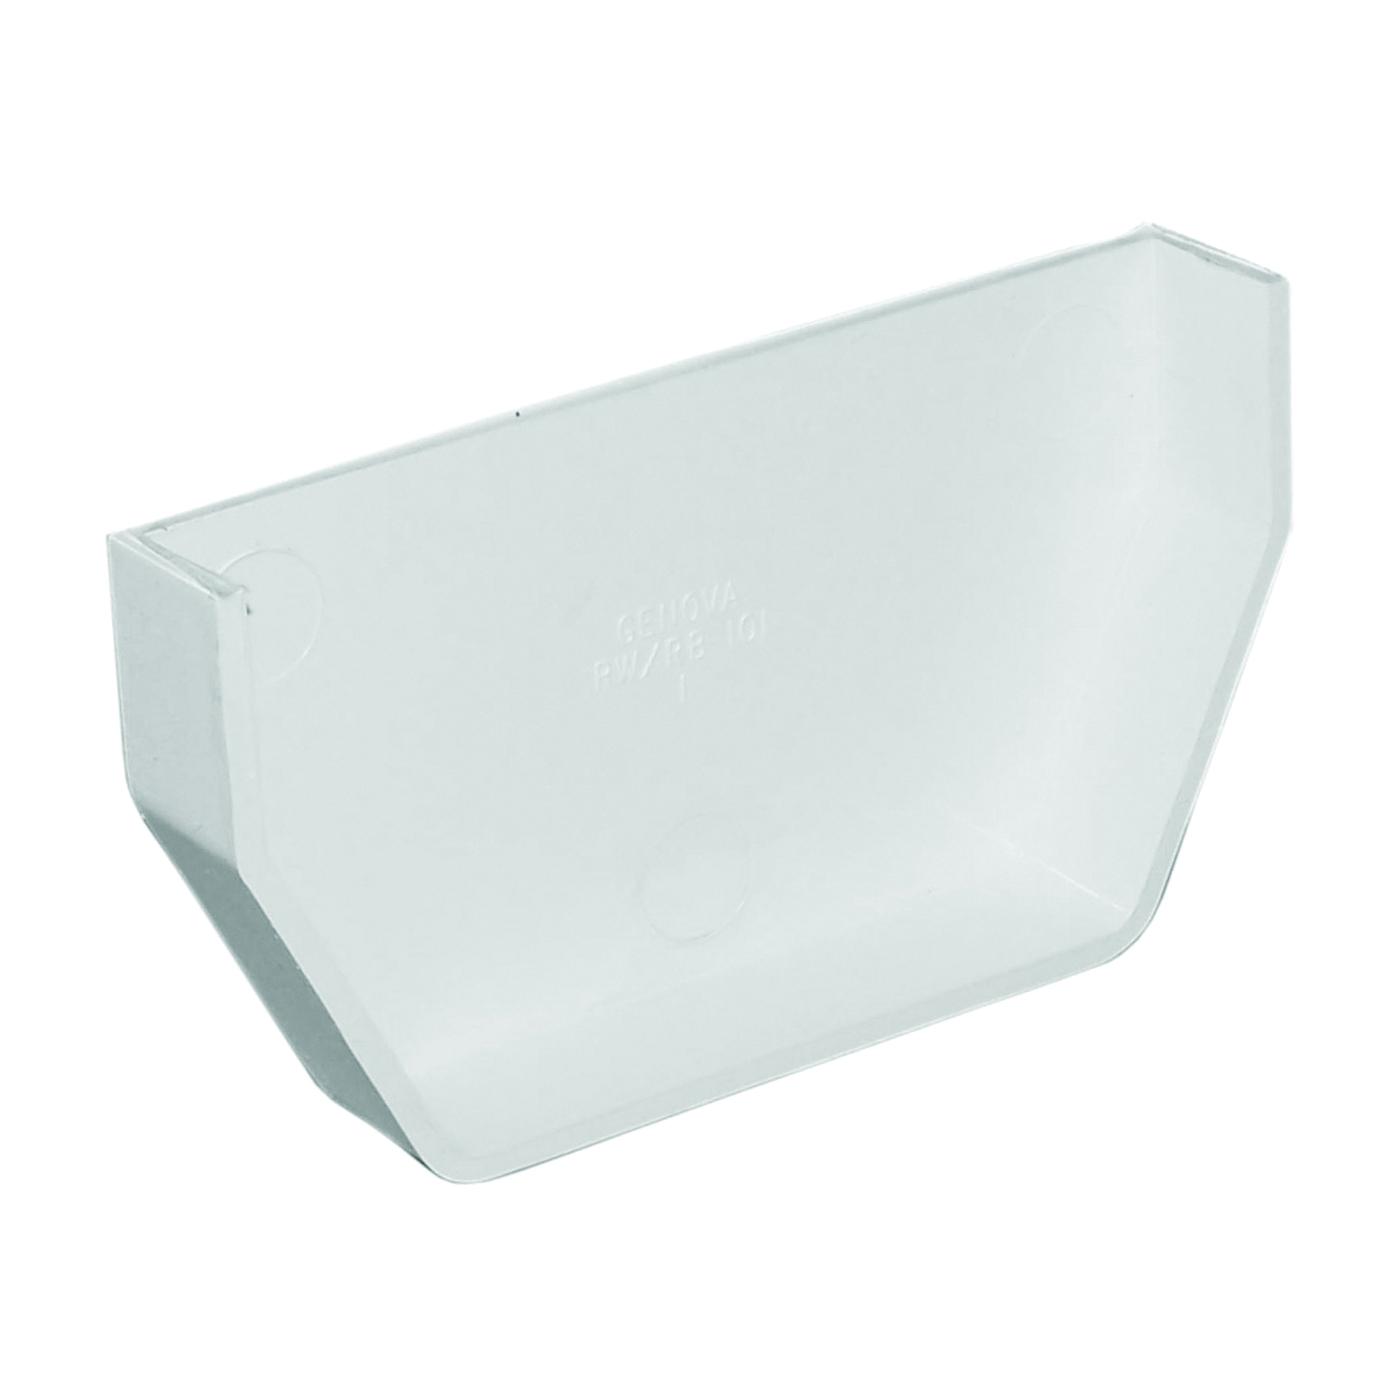 Picture of GENOVA RW101 Gutter End Cap, 2-1/2 in L, 1 in W, Polypropylene, White, For: 5 in Raingo Gutter